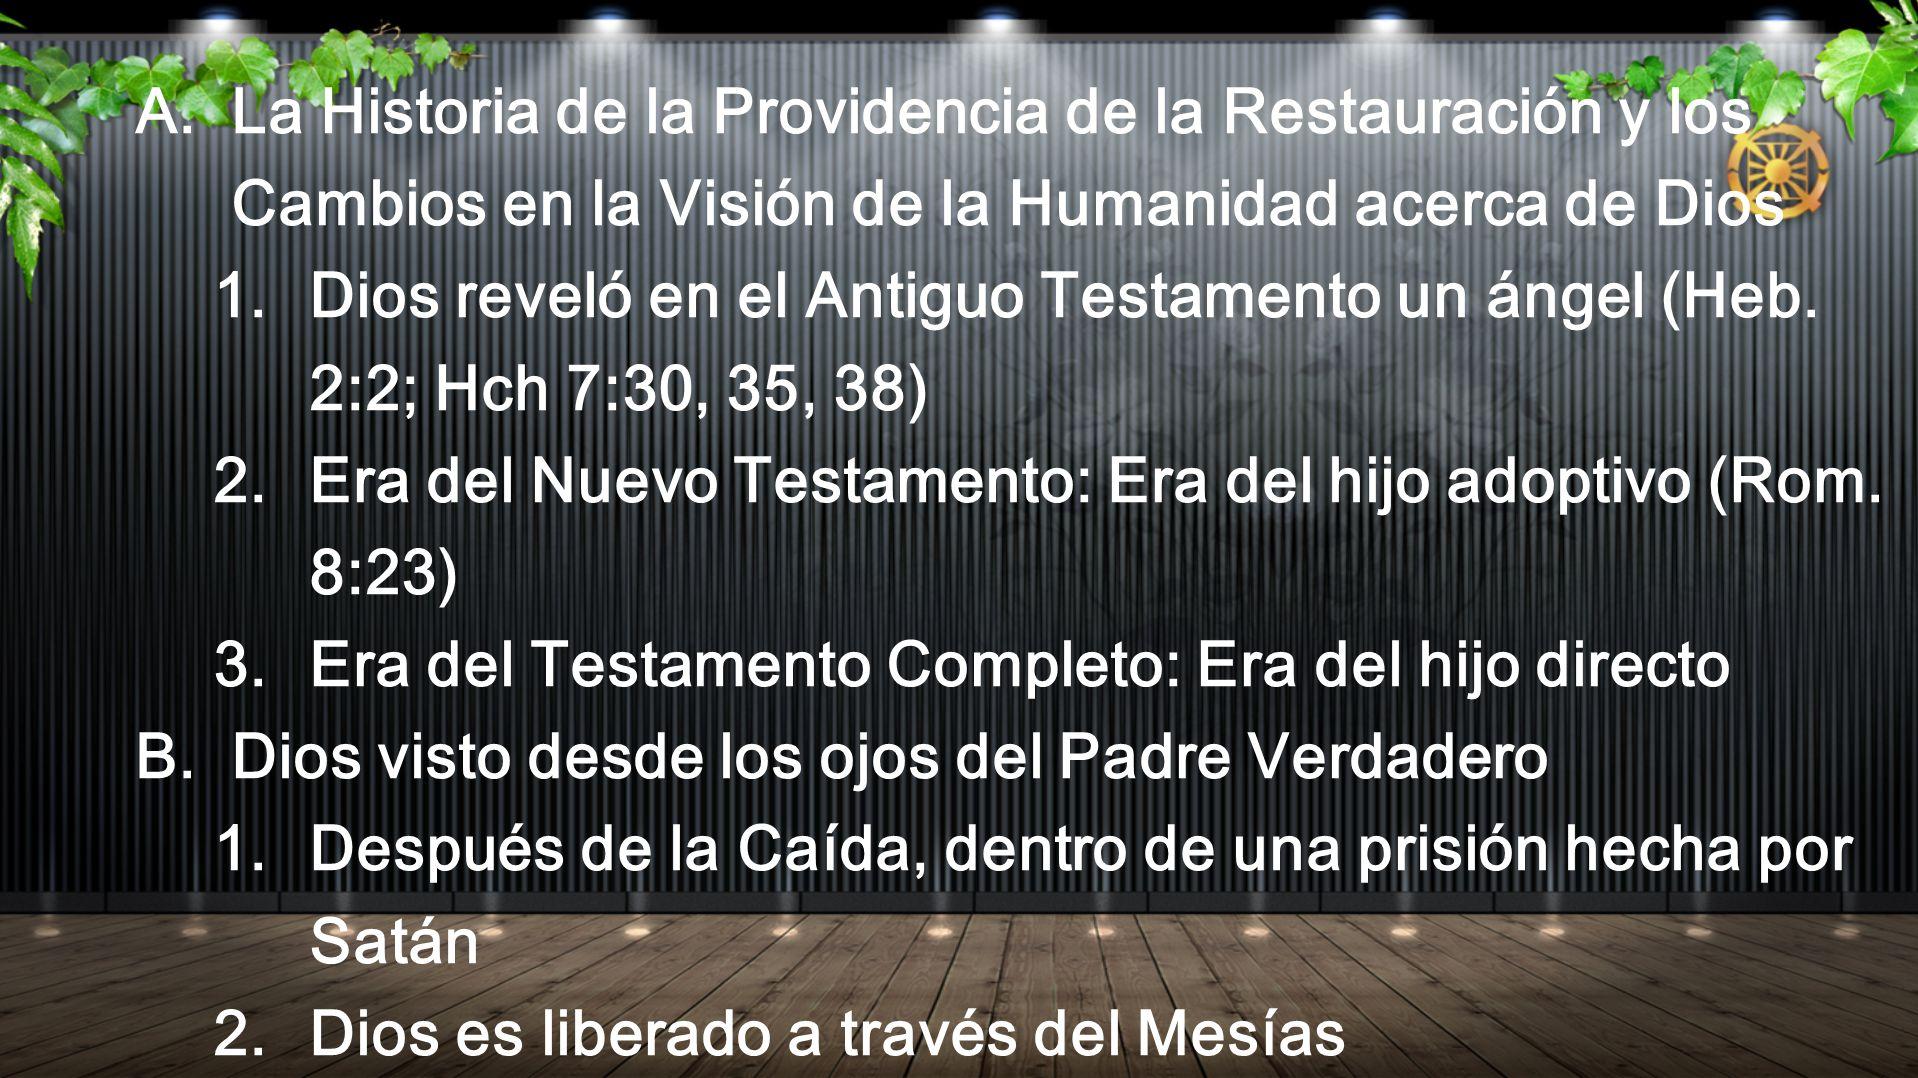 A. La Historia de la Providencia de la Restauración y los Cambios en la Visión de la Humanidad acerca de Dios 1. Dios reveló en el Antiguo Testamento